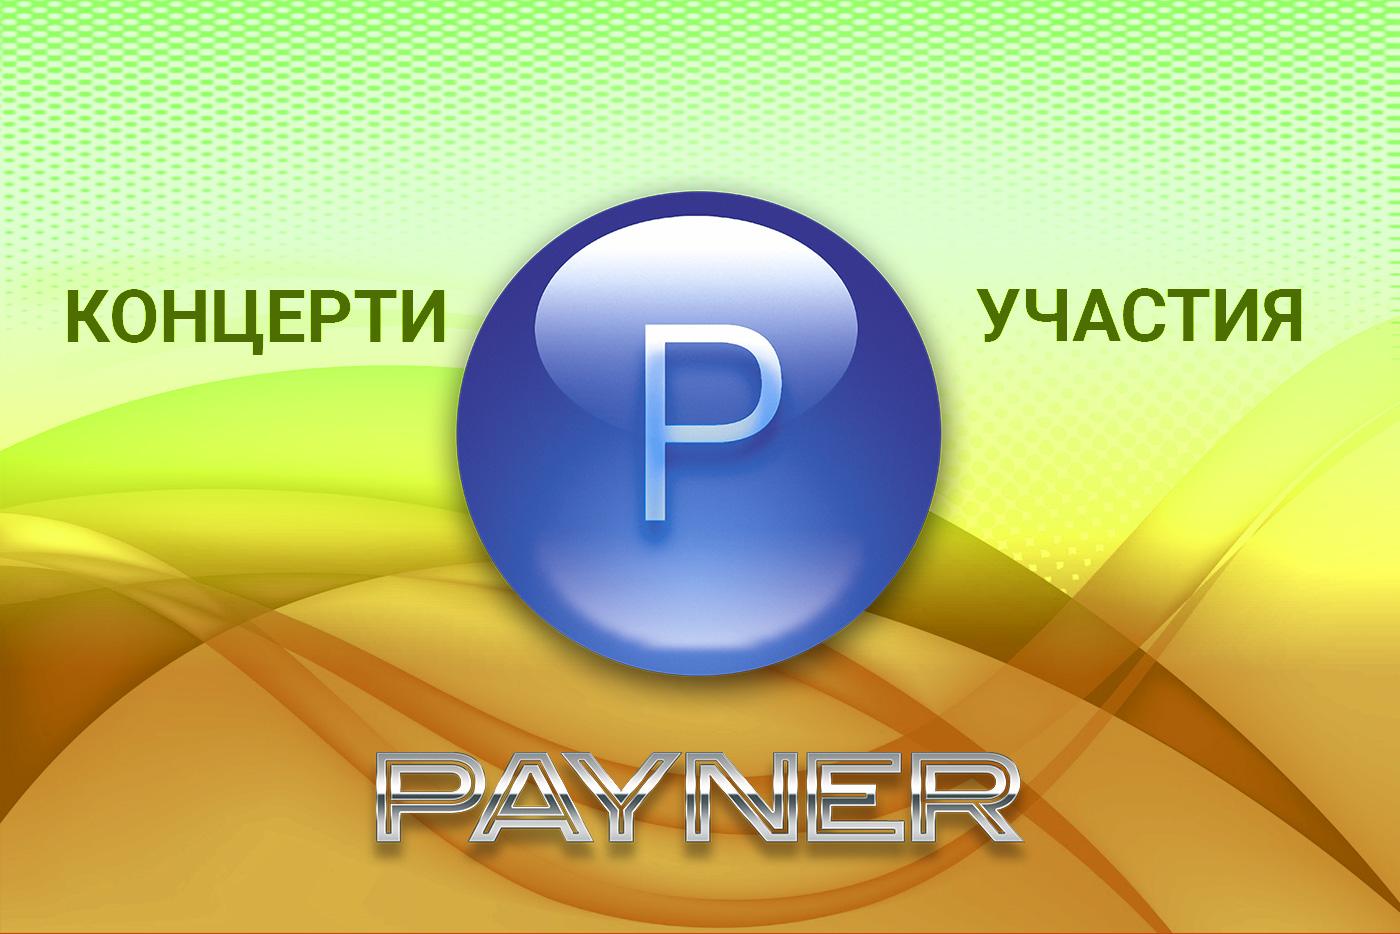 """Участия на звездите на """"Пайнер"""" на 14.04.2019"""